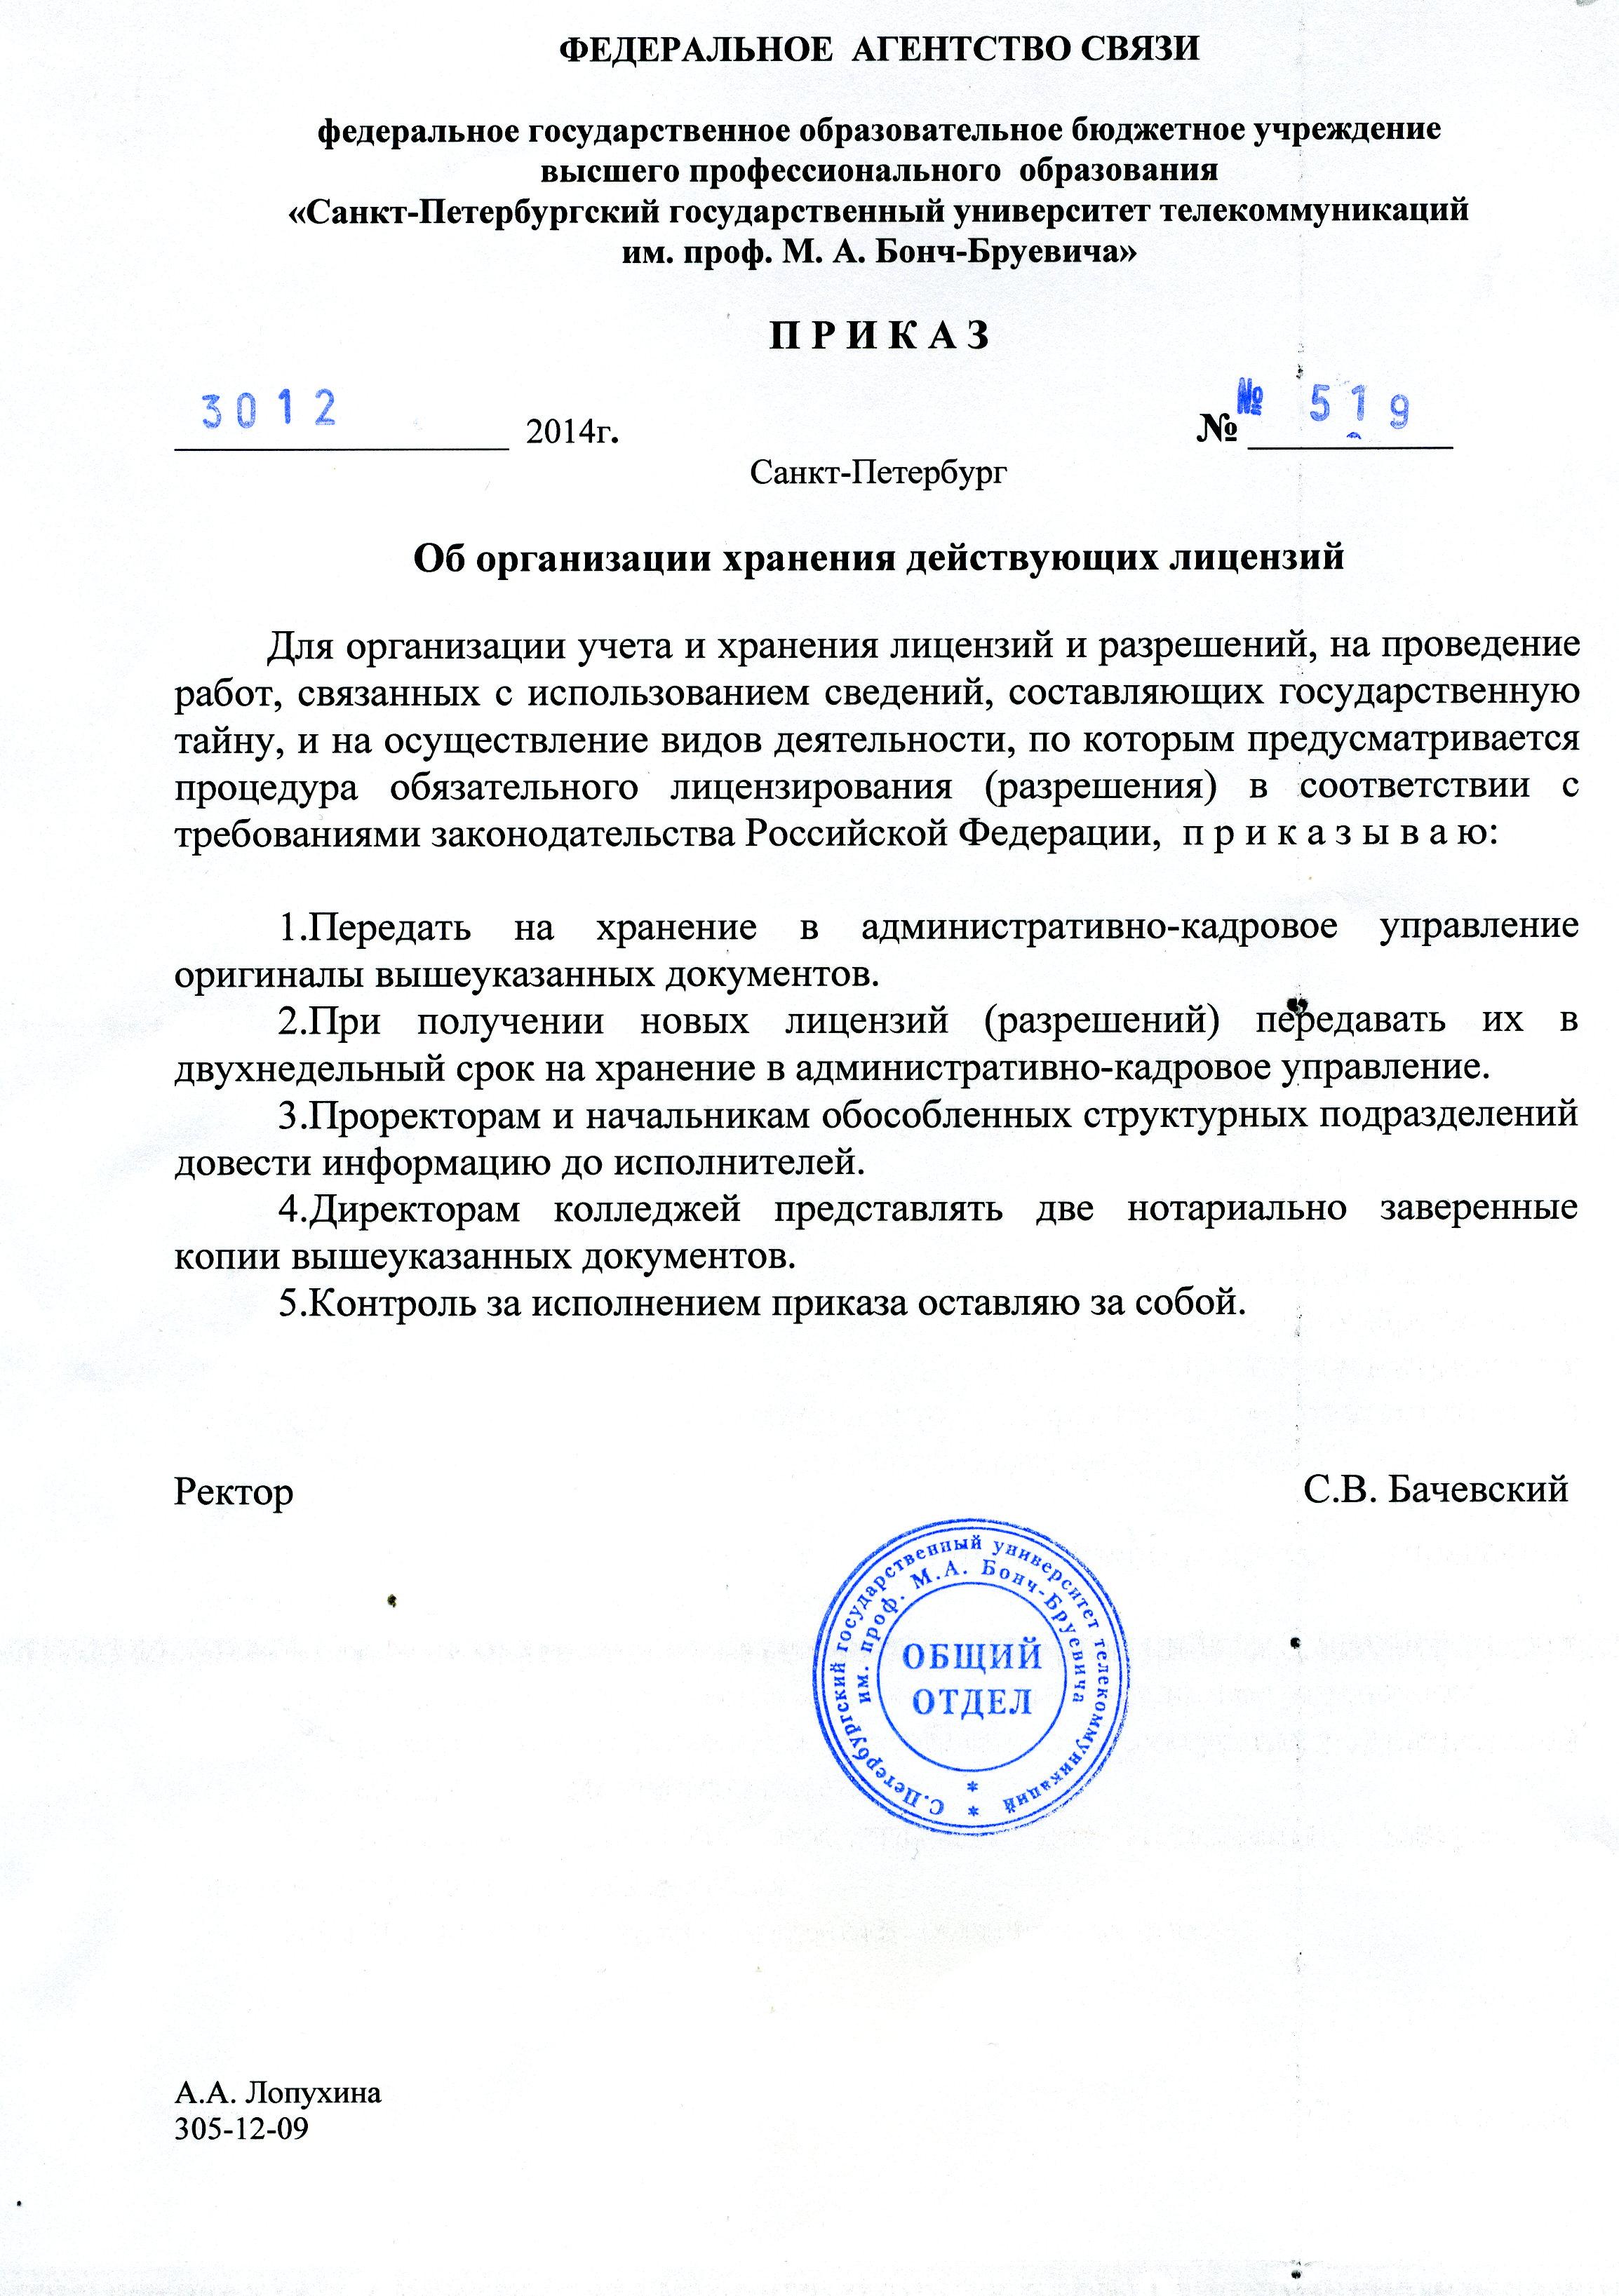 Заявление на регистрацию ип как работодателя в фсс ндфл программа декларация 2019